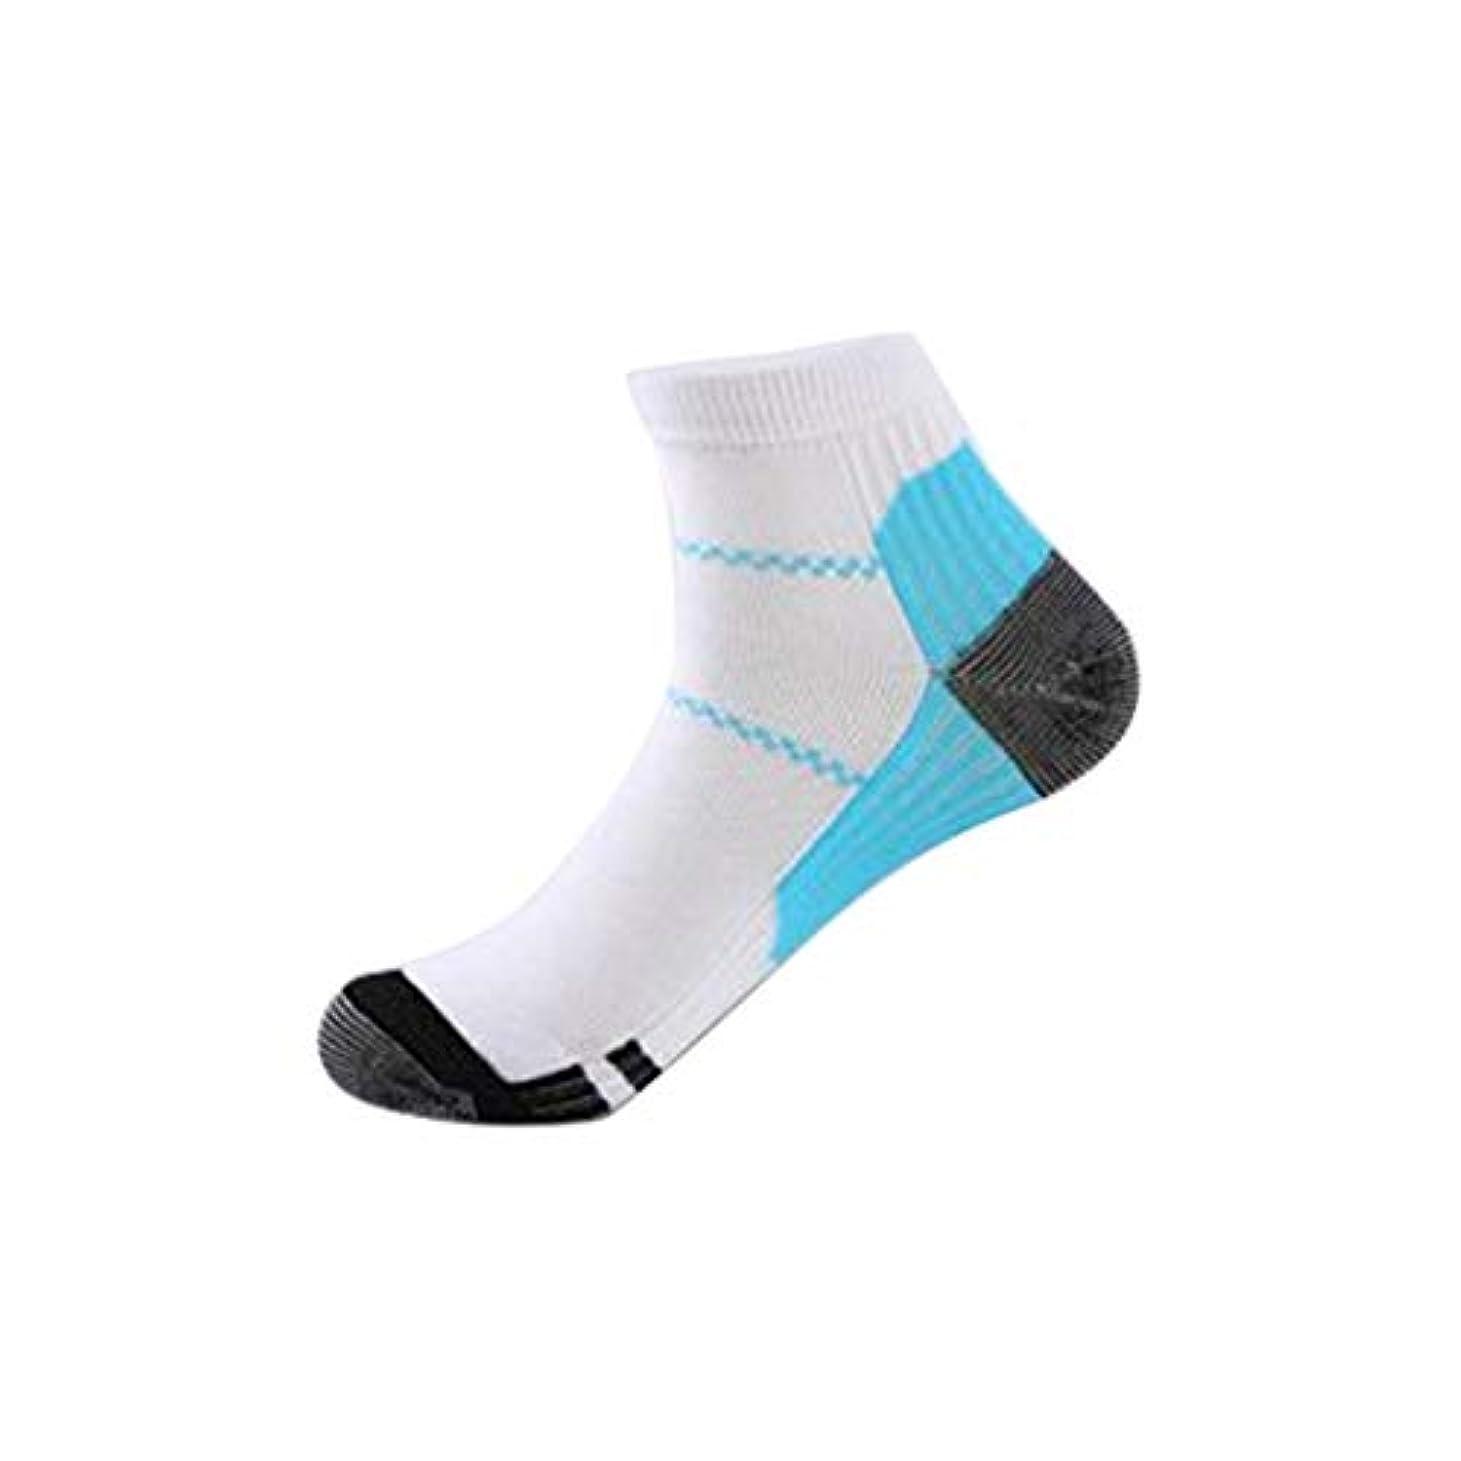 権限を与える塩顕現快適な男性女性ファッション短いストレッチ圧縮靴下膝ソックスサポートストレッチ通気性ソックス - ホワイト&ブルーS/M